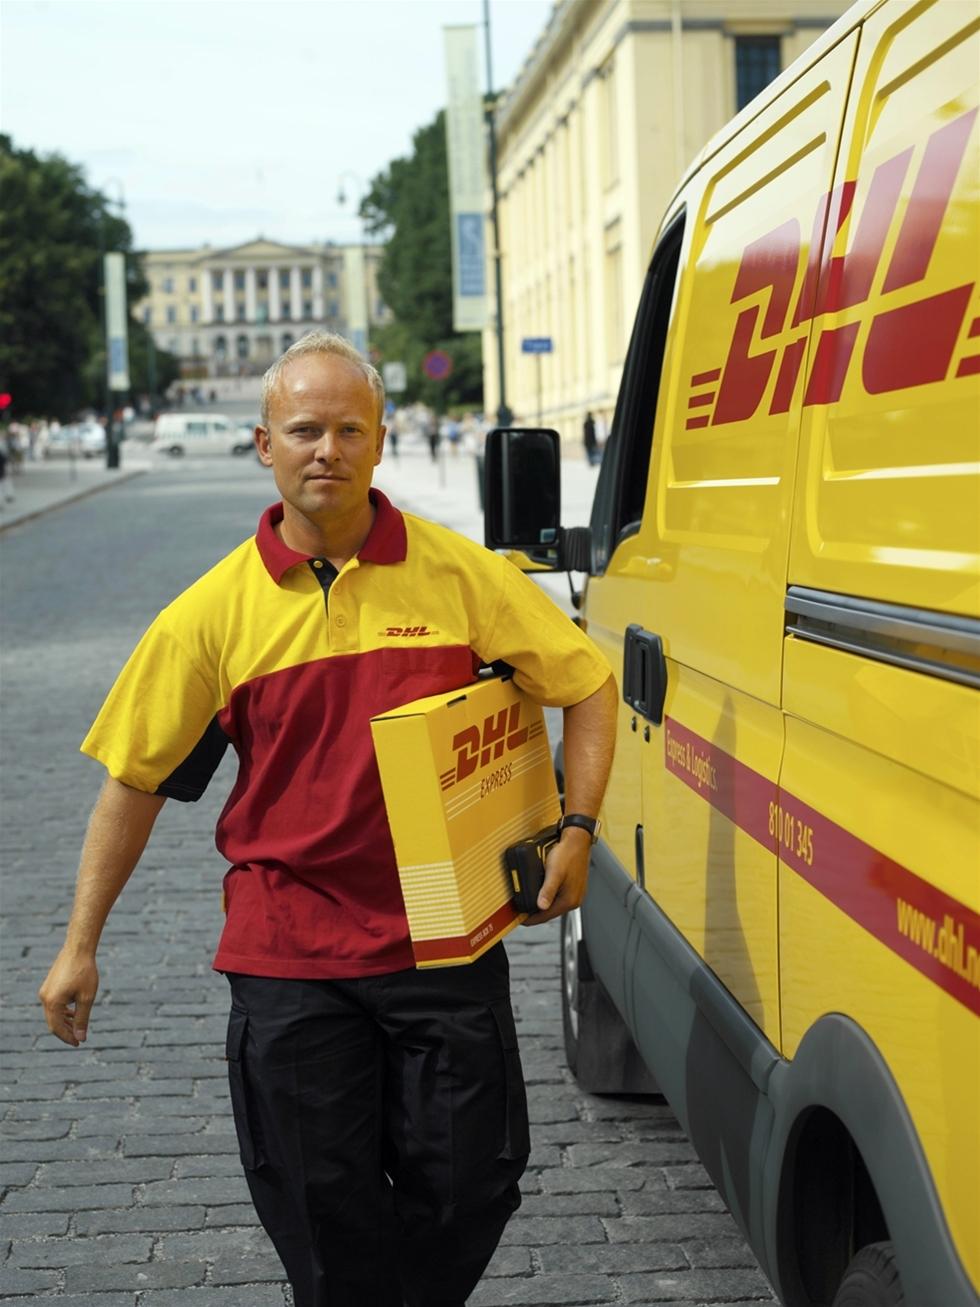 Stor oro råder bland DHL:s underleverantörer, sammanlagt 350 hämtnings-distributörer. – DHL kräver att deras fraktersättning ska minska med fyra procent. Det säger en person med god inblick i ett av dessa företag.